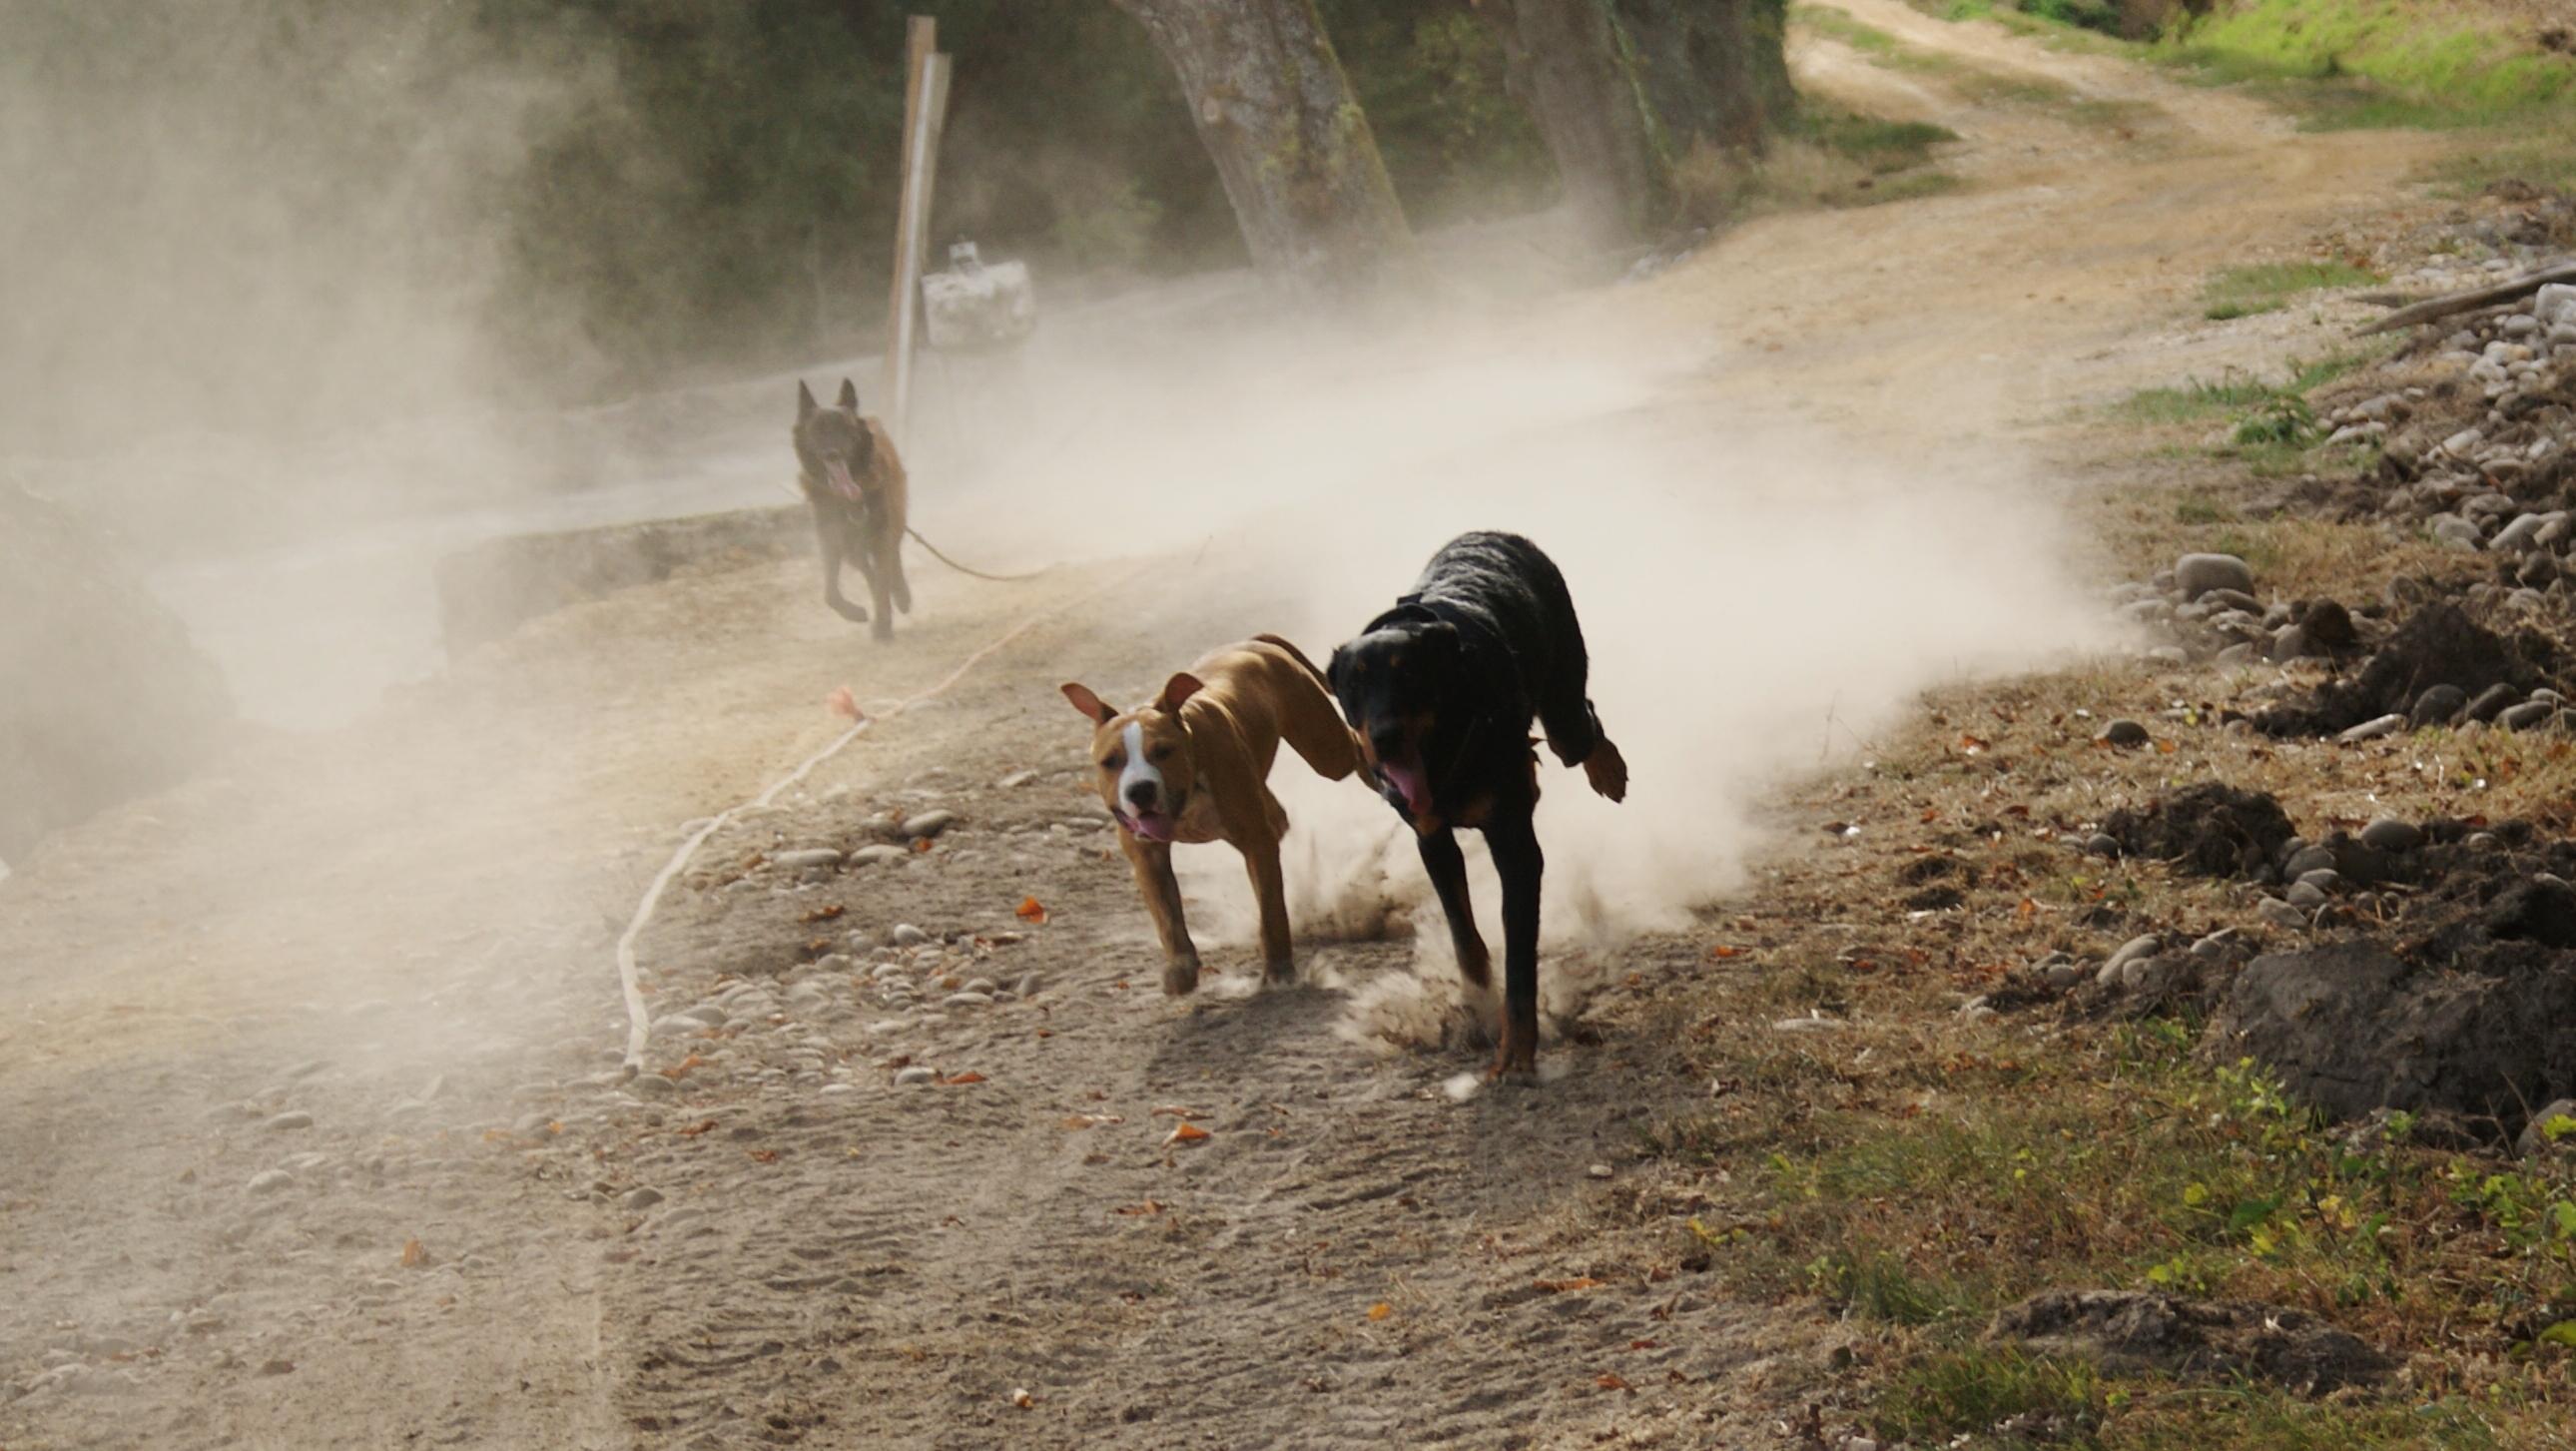 dressage chiens balade chiens